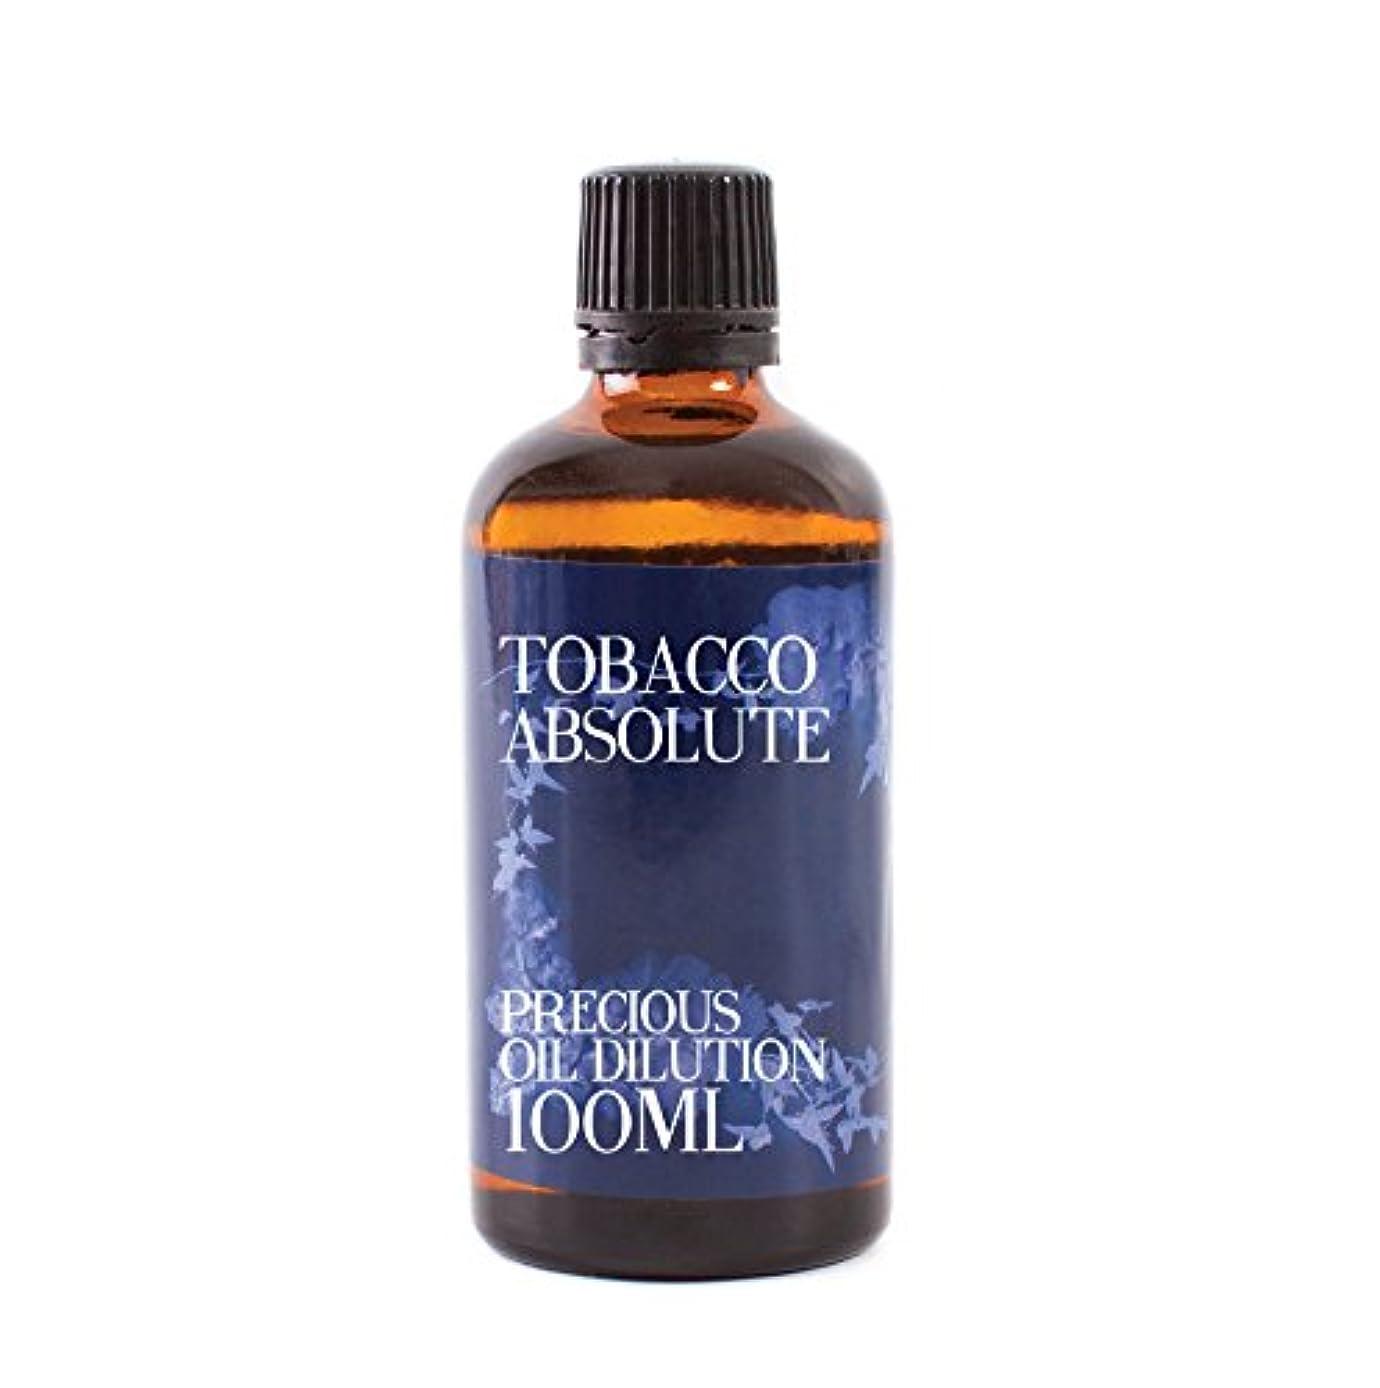 粘着性スタウト航空便Tobacco Absolute Oil Dilution - 100ml